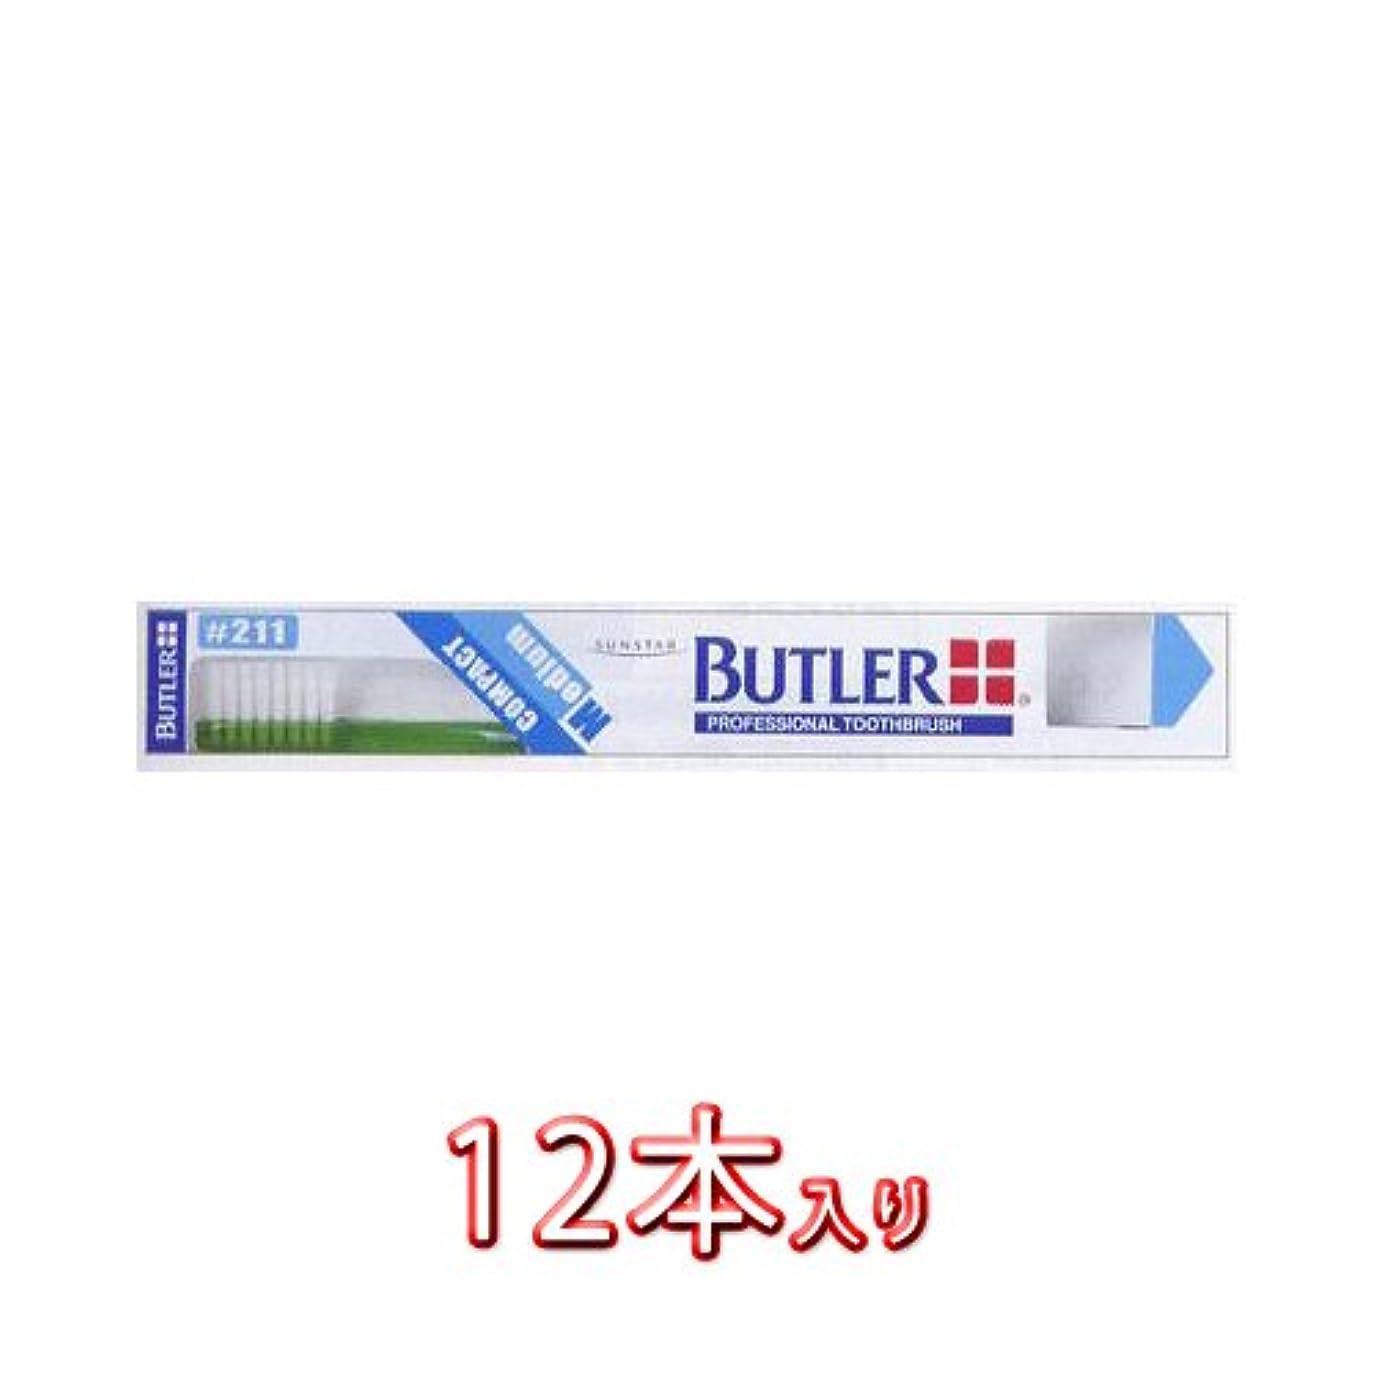 なめる生ランクバトラー 歯ブラシ #211 12本入